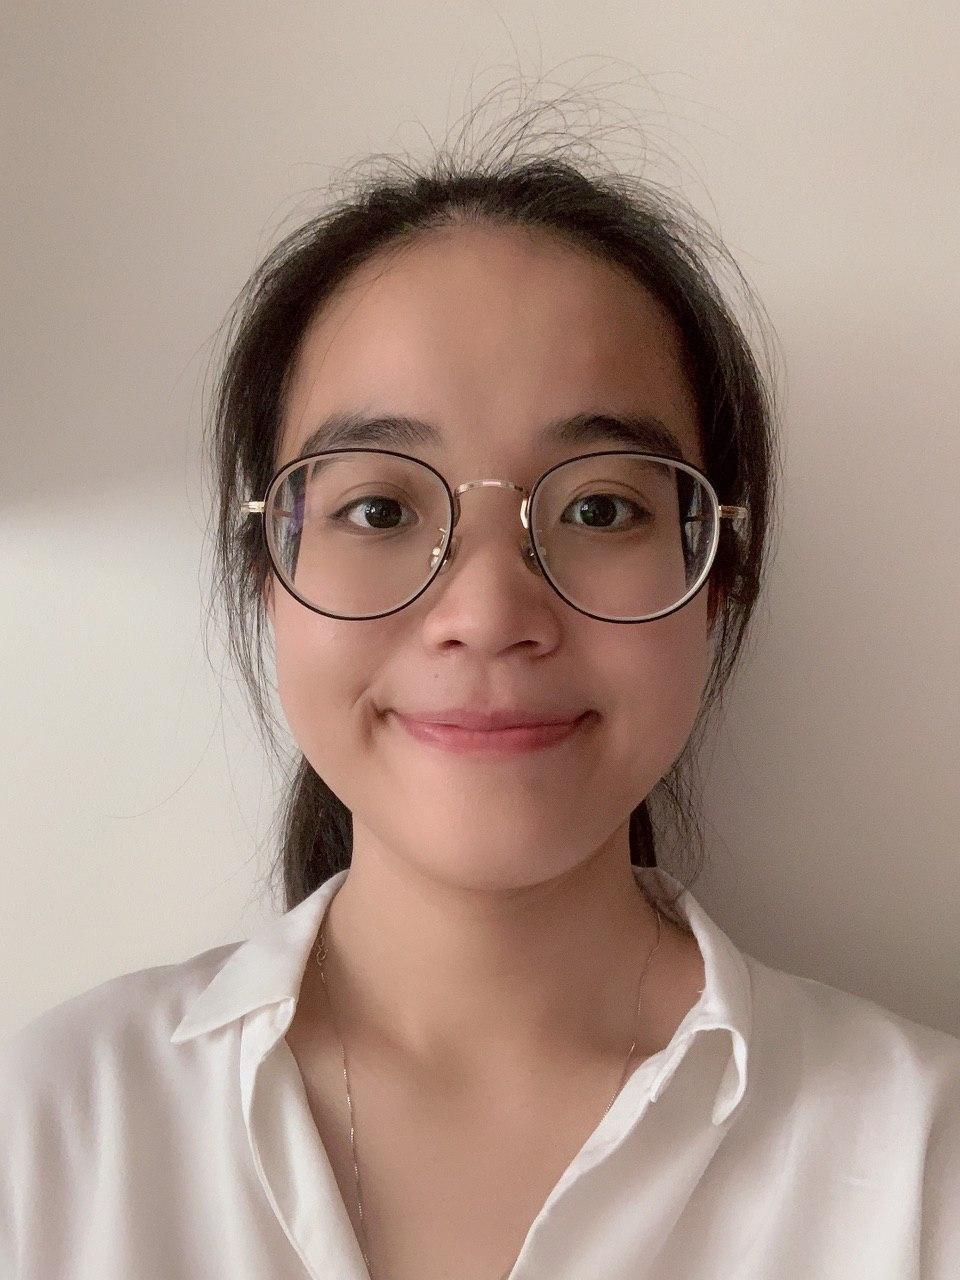 Gan Jia Qi